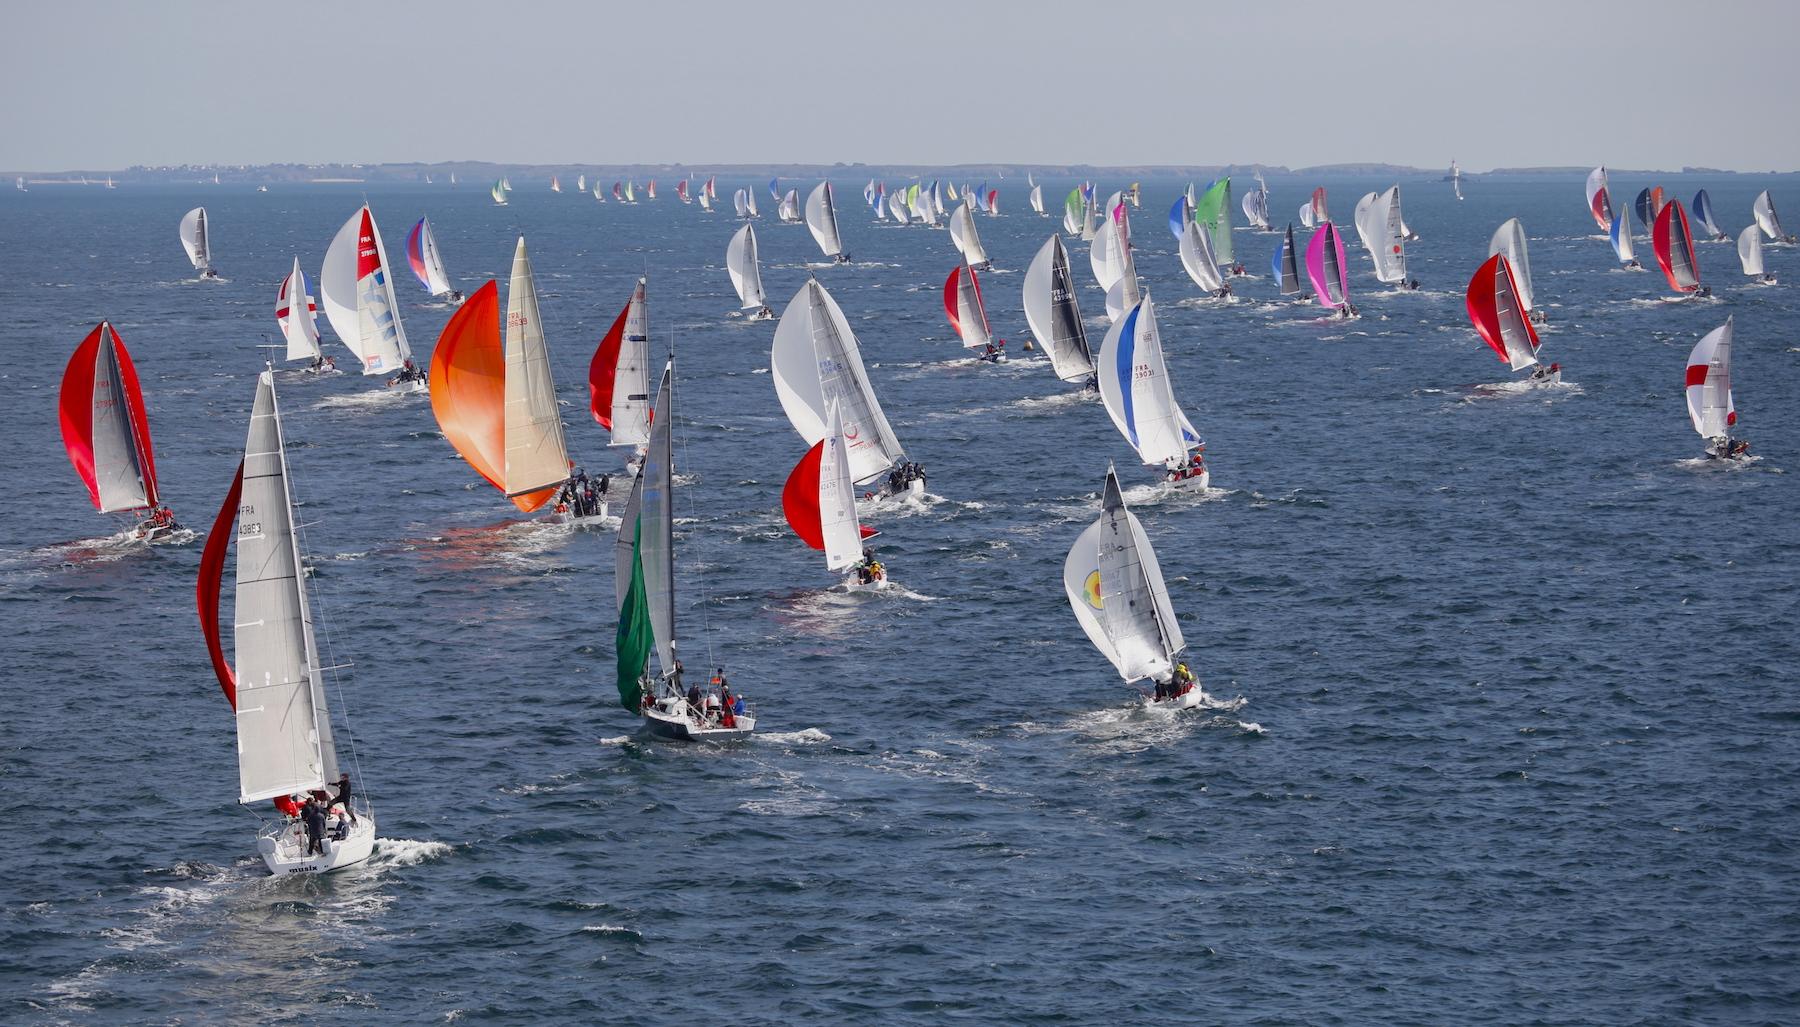 Photo du Offre de Critérium de Bassin Les 5 eléments de Port-Miou, 3 jours, du 24 au 26 septembre 2021 proposé par CLUB NAUTIQUE DE PORT MIOU affilié à la Fédération Française de Voile